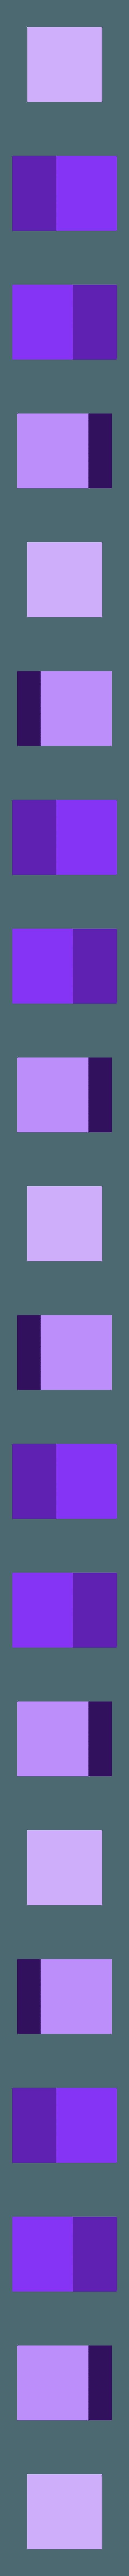 cube_1_inch.stl Télécharger fichier STL gratuit Ghostbuster Ghostbuster Ghosttrap • Modèle pour impression 3D, SLIDES